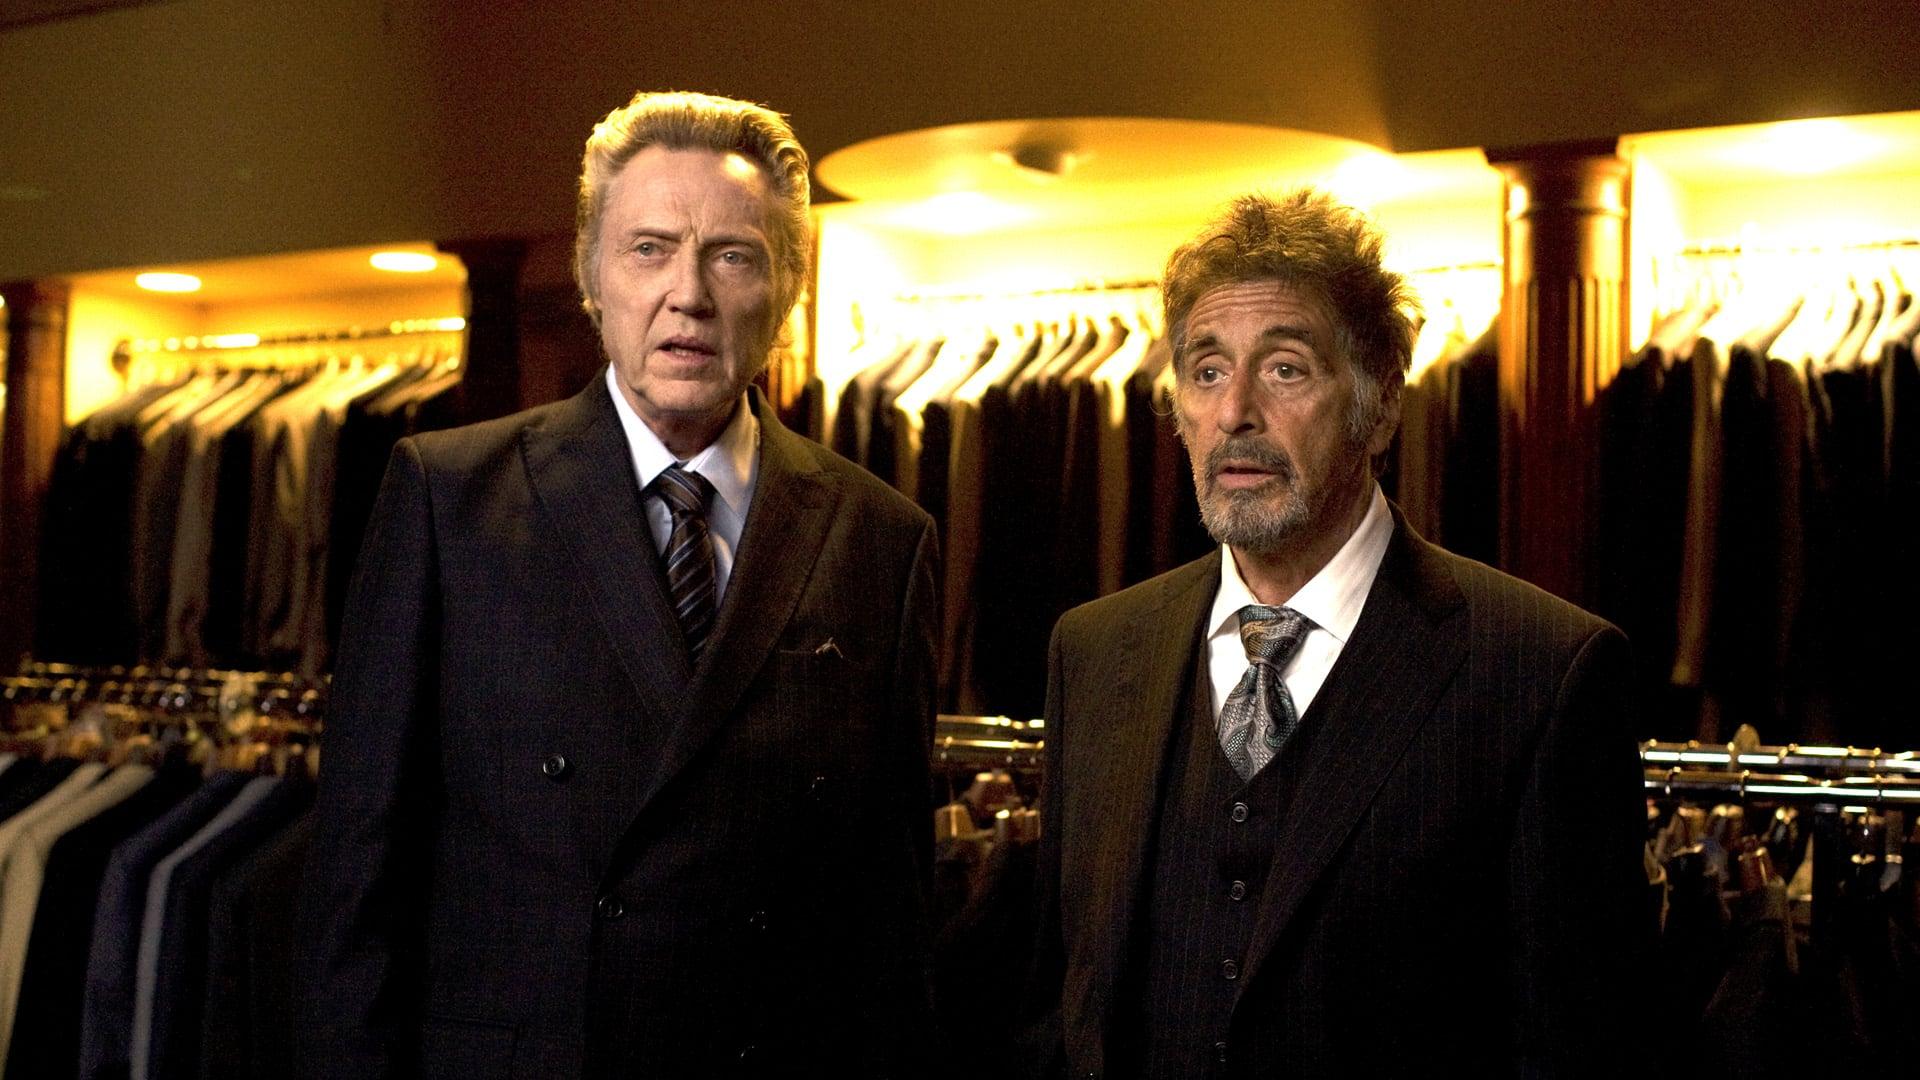 Uomini di parola - Lost in Cinema